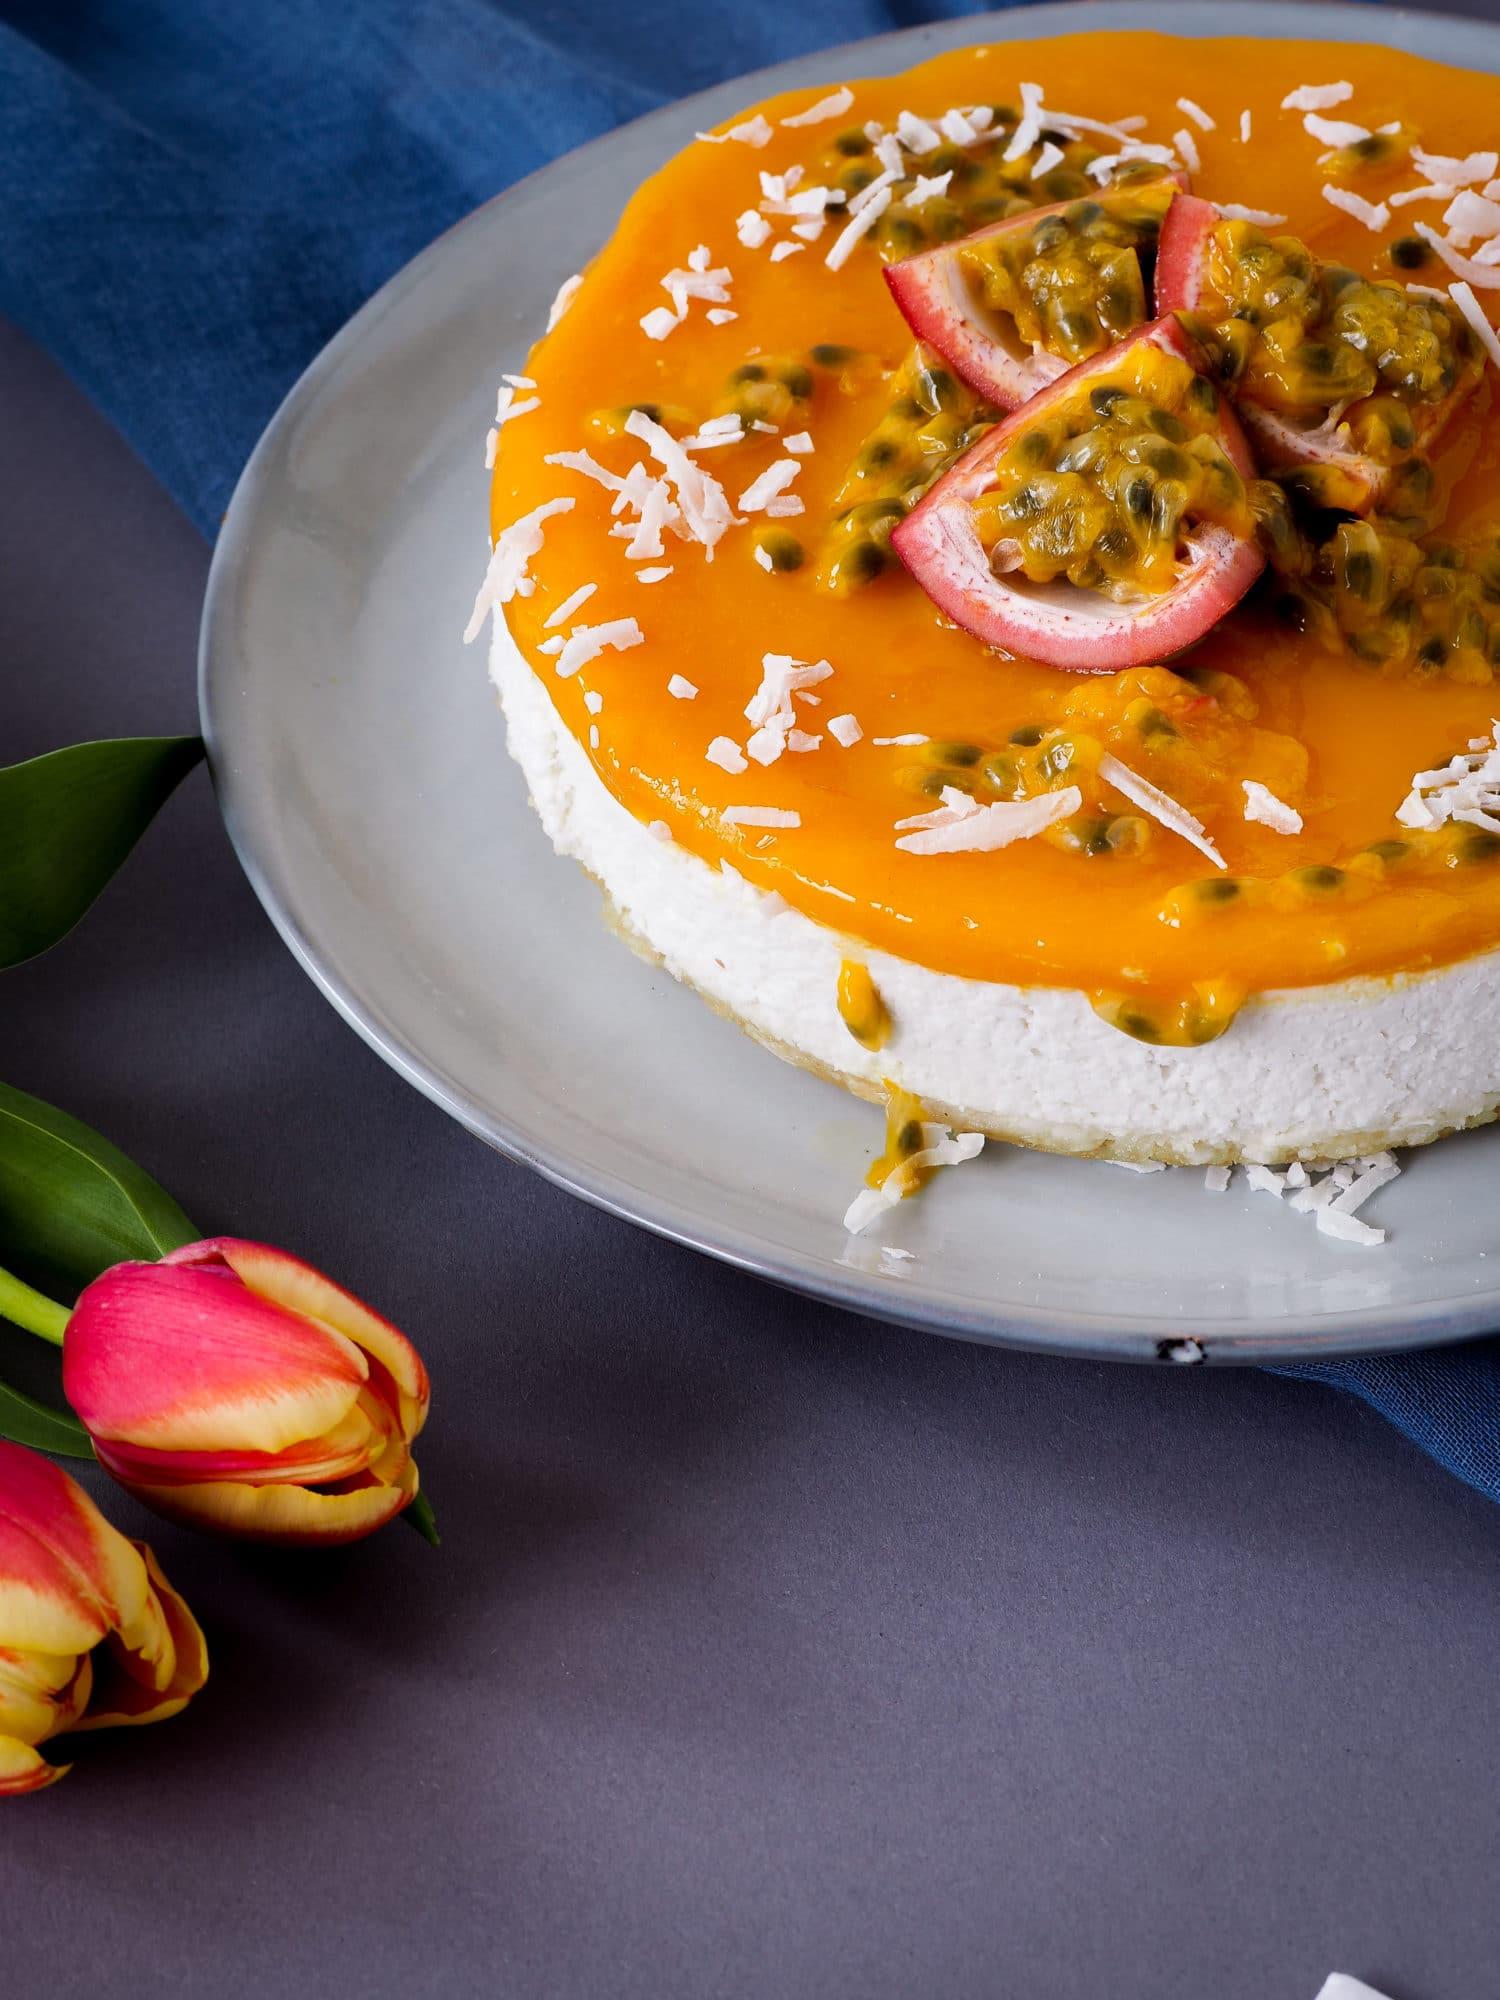 Mango-Passionfruit Cake